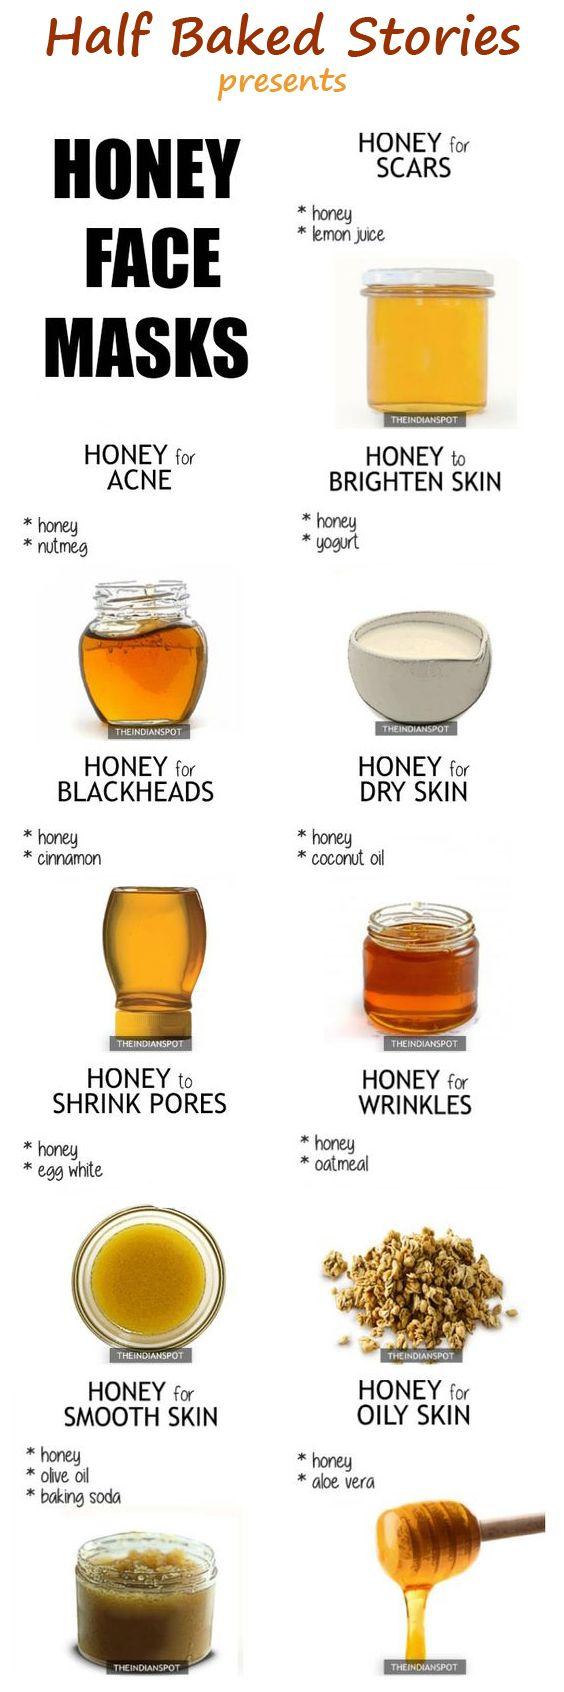 honey face mask for acne, oily skin #skincare